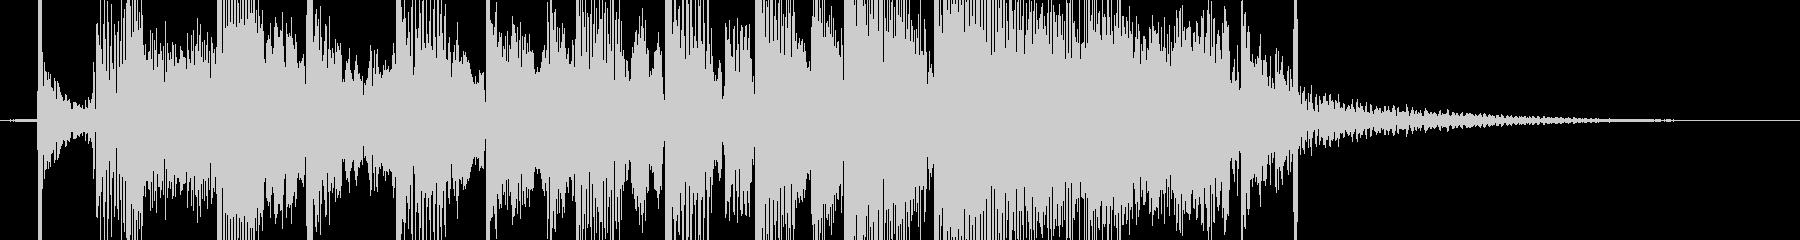 【ジングル】コミカルなジングルの未再生の波形